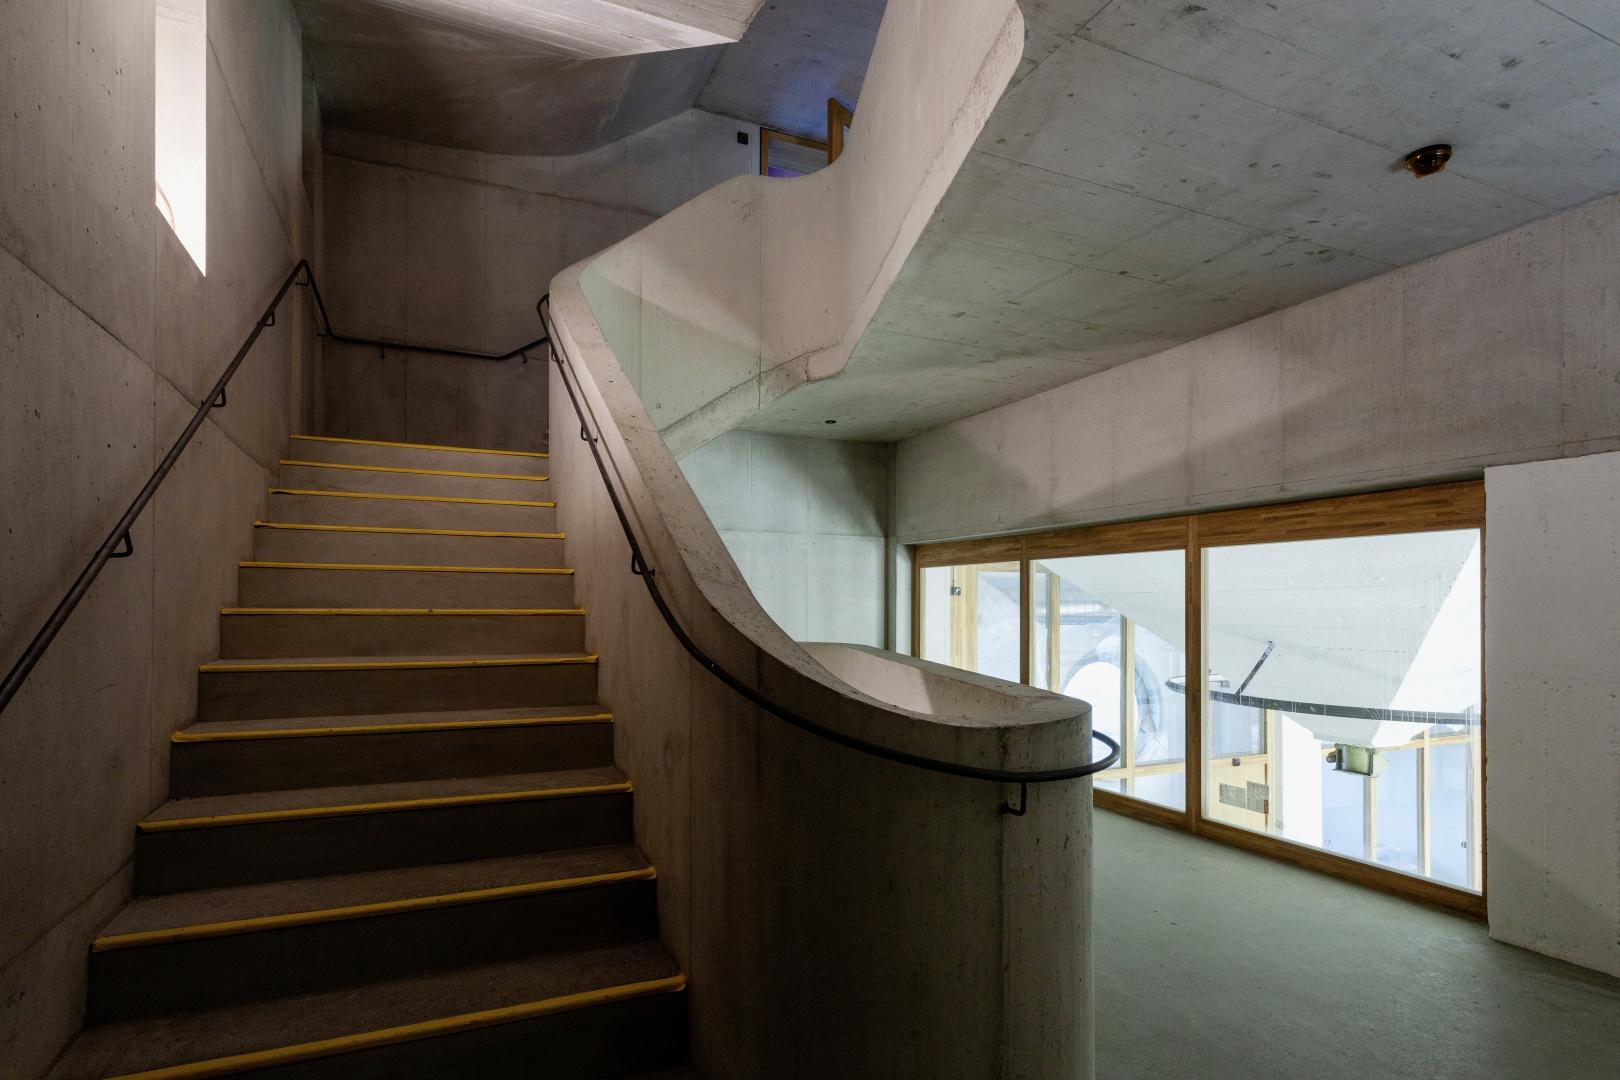 Eine hochpräzise Anfertigung der Schalung durch Erne Holzbau ermöglichte den Einbau dieser einzigartigen Treppenanlagen in Sichtbeton. © Lukas Schwabenbauer